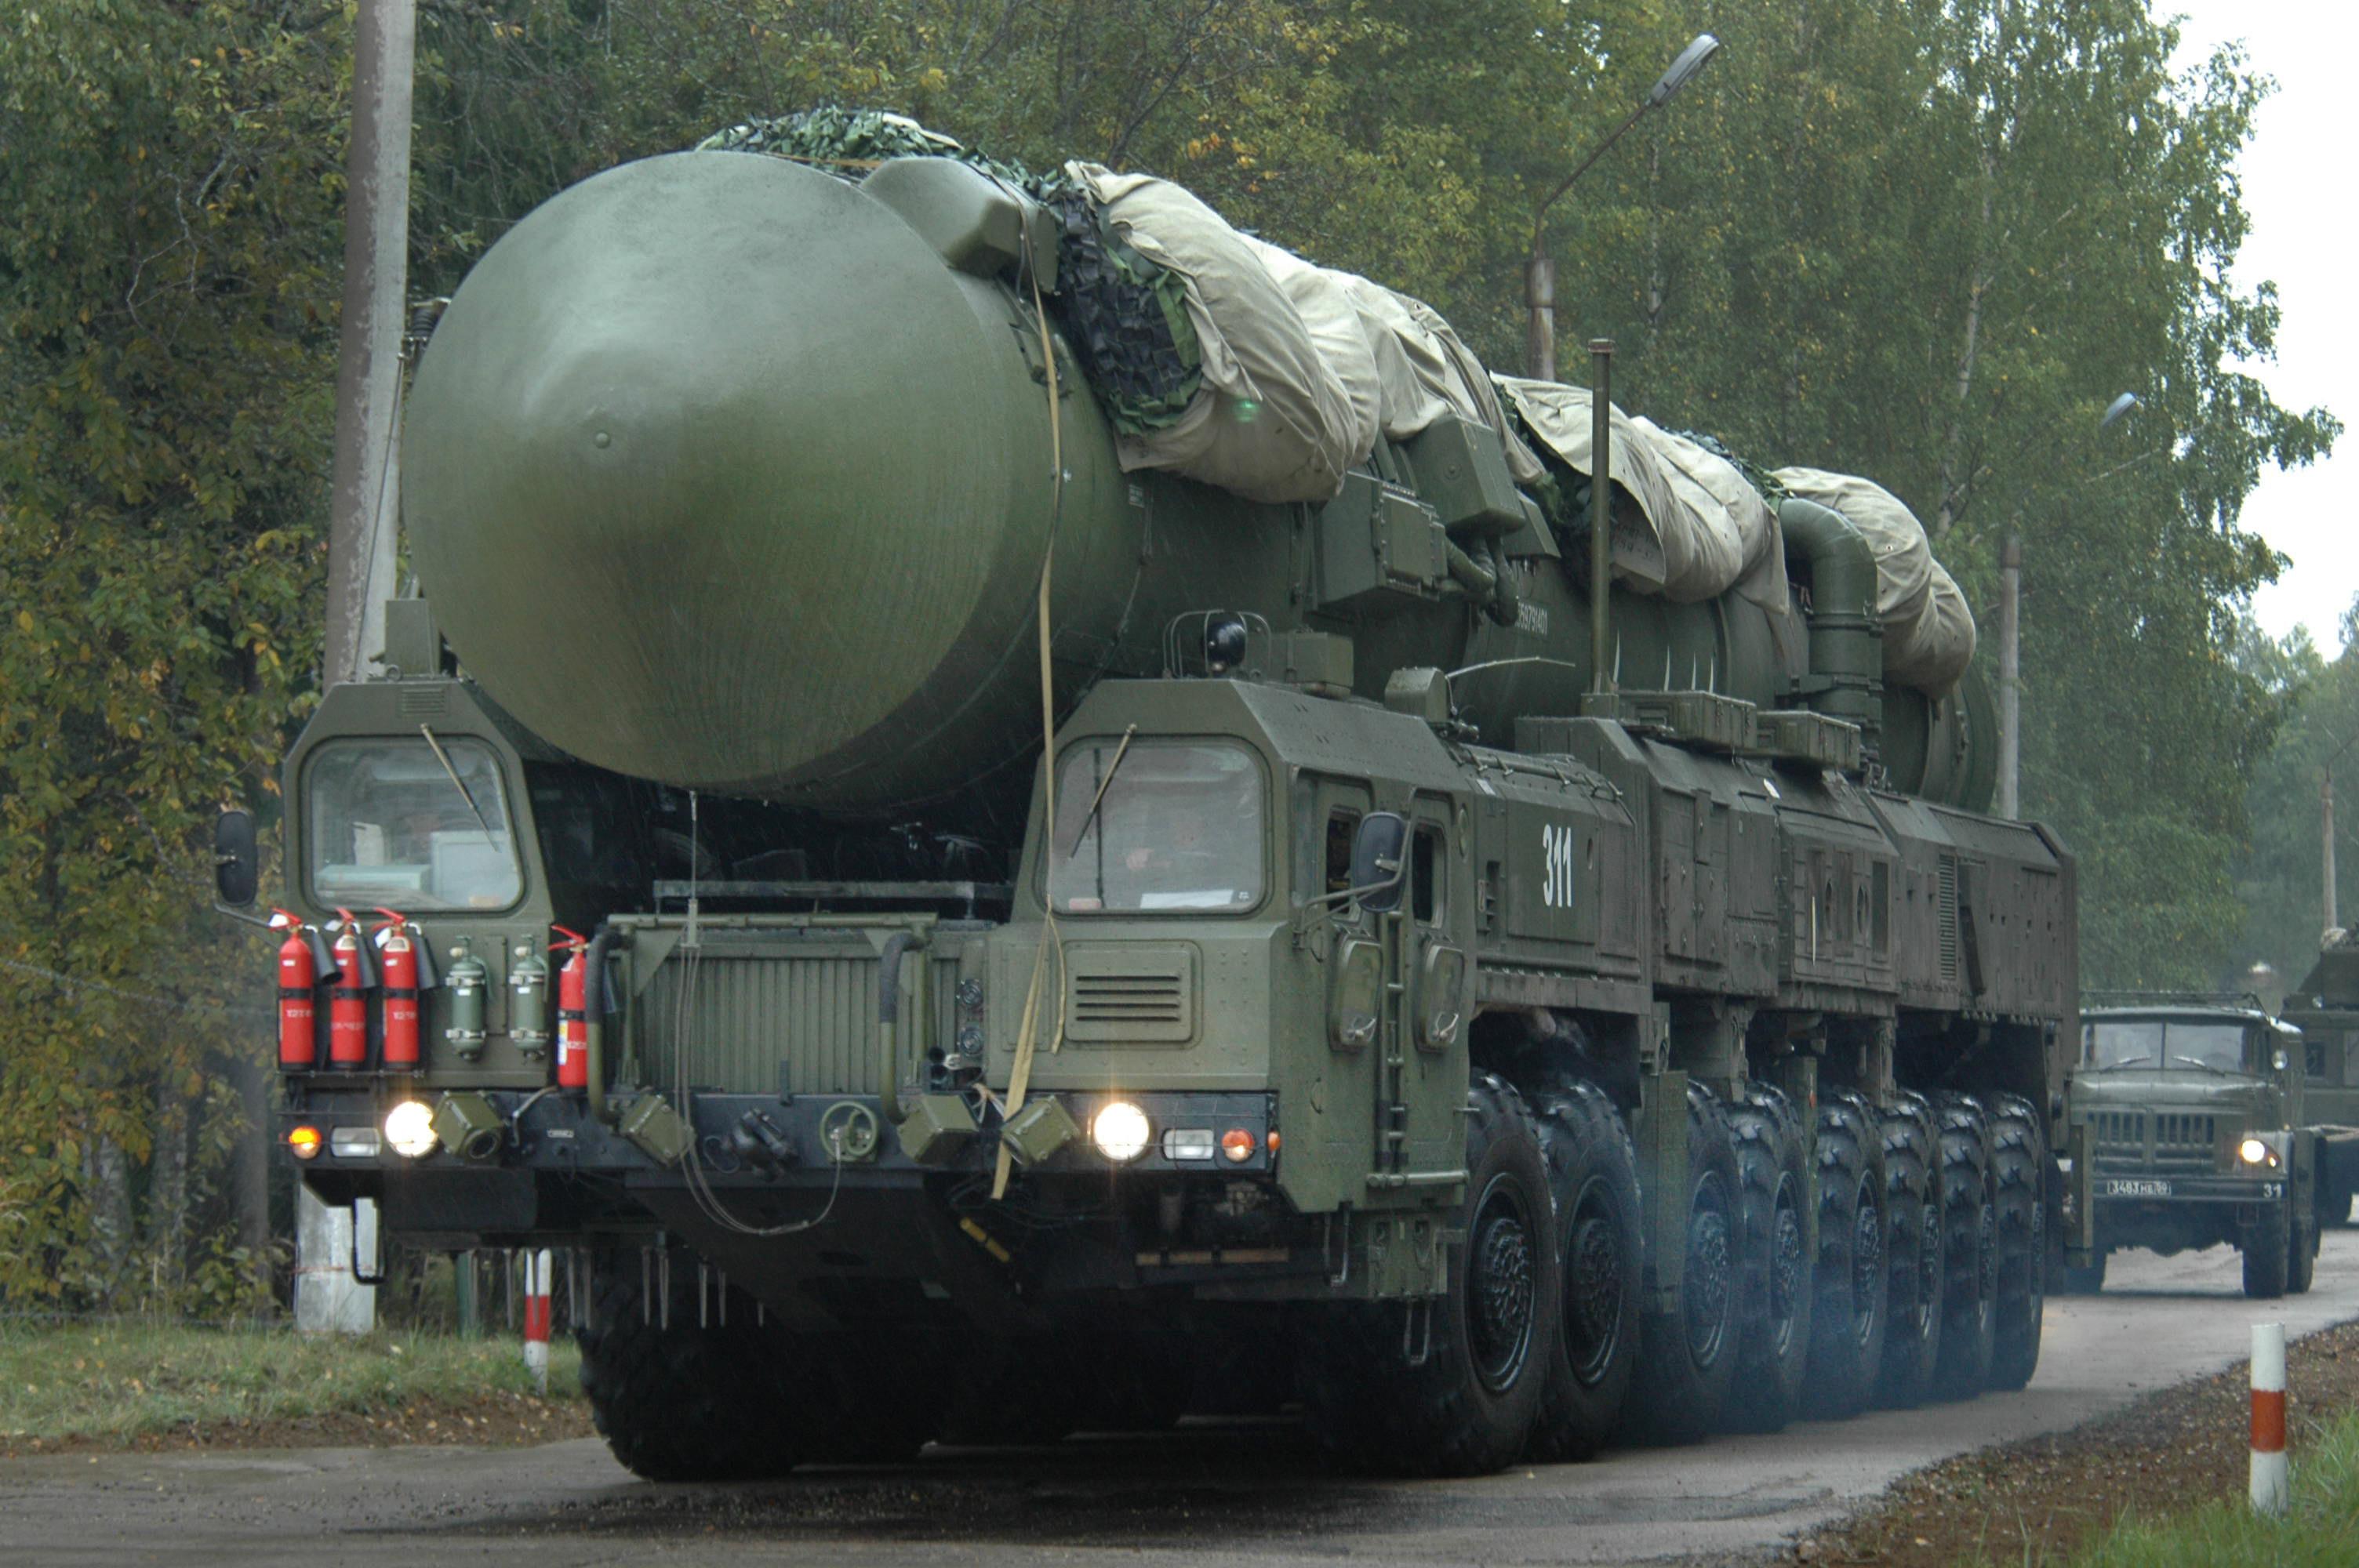 Научения вИвановской области выведут установки «Тополь-М» и«Ярс»